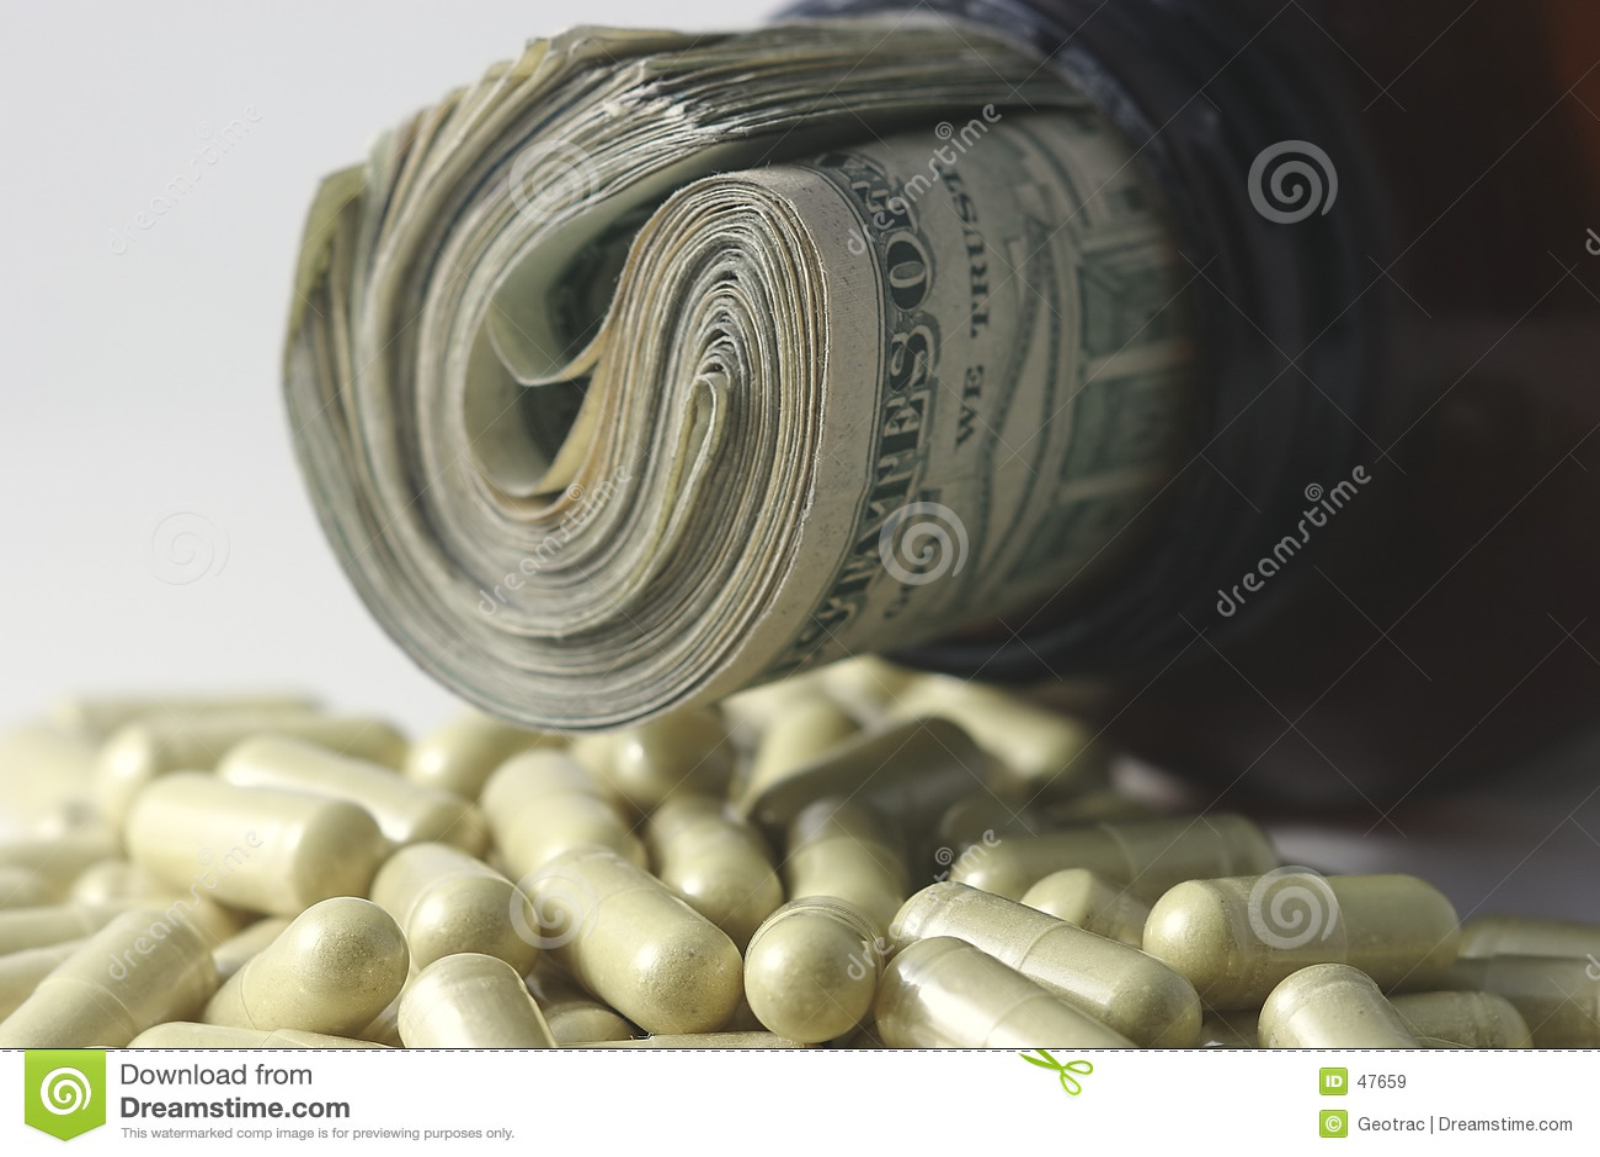 Alto coste de cuidado médico